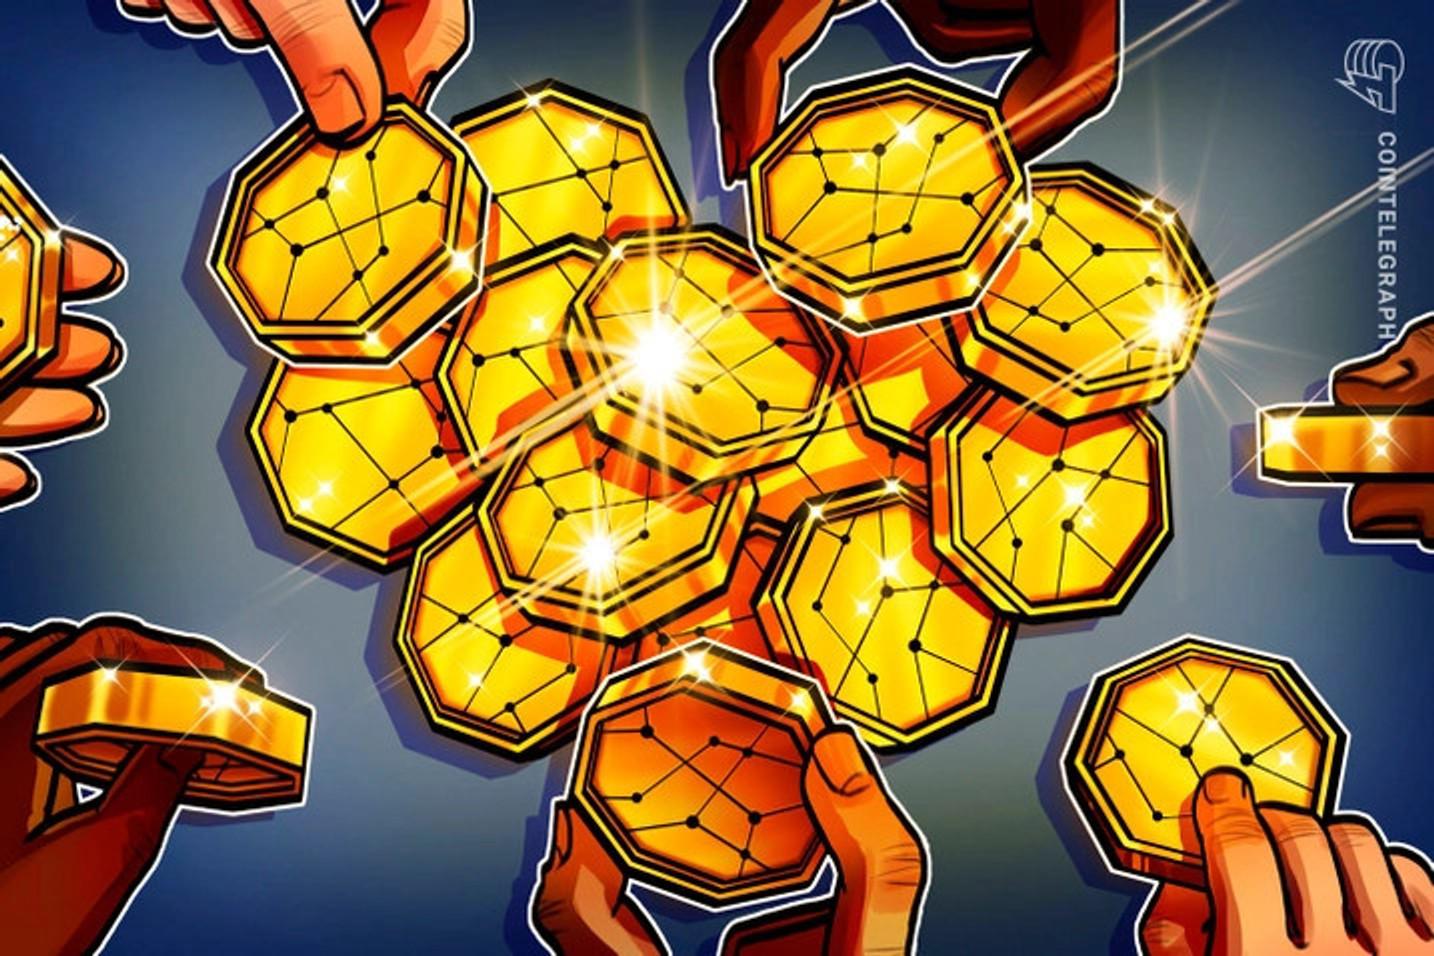 Brasileira Bitfy bate R$ 65 milhões em movimentação no app de Bitcoin e criptomoedas